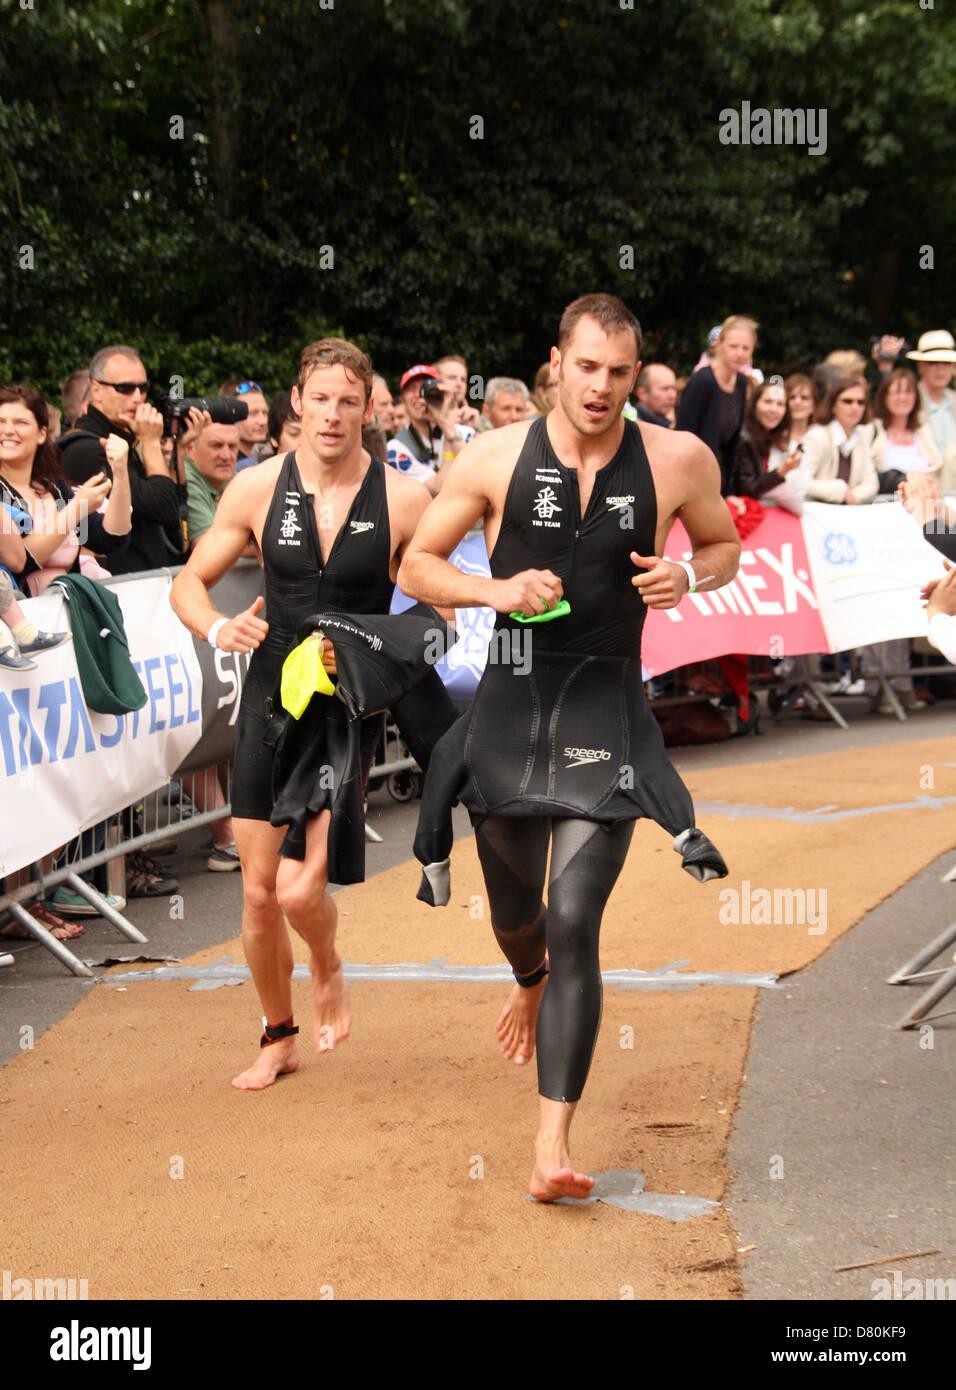 Blenheim triathlon prizes